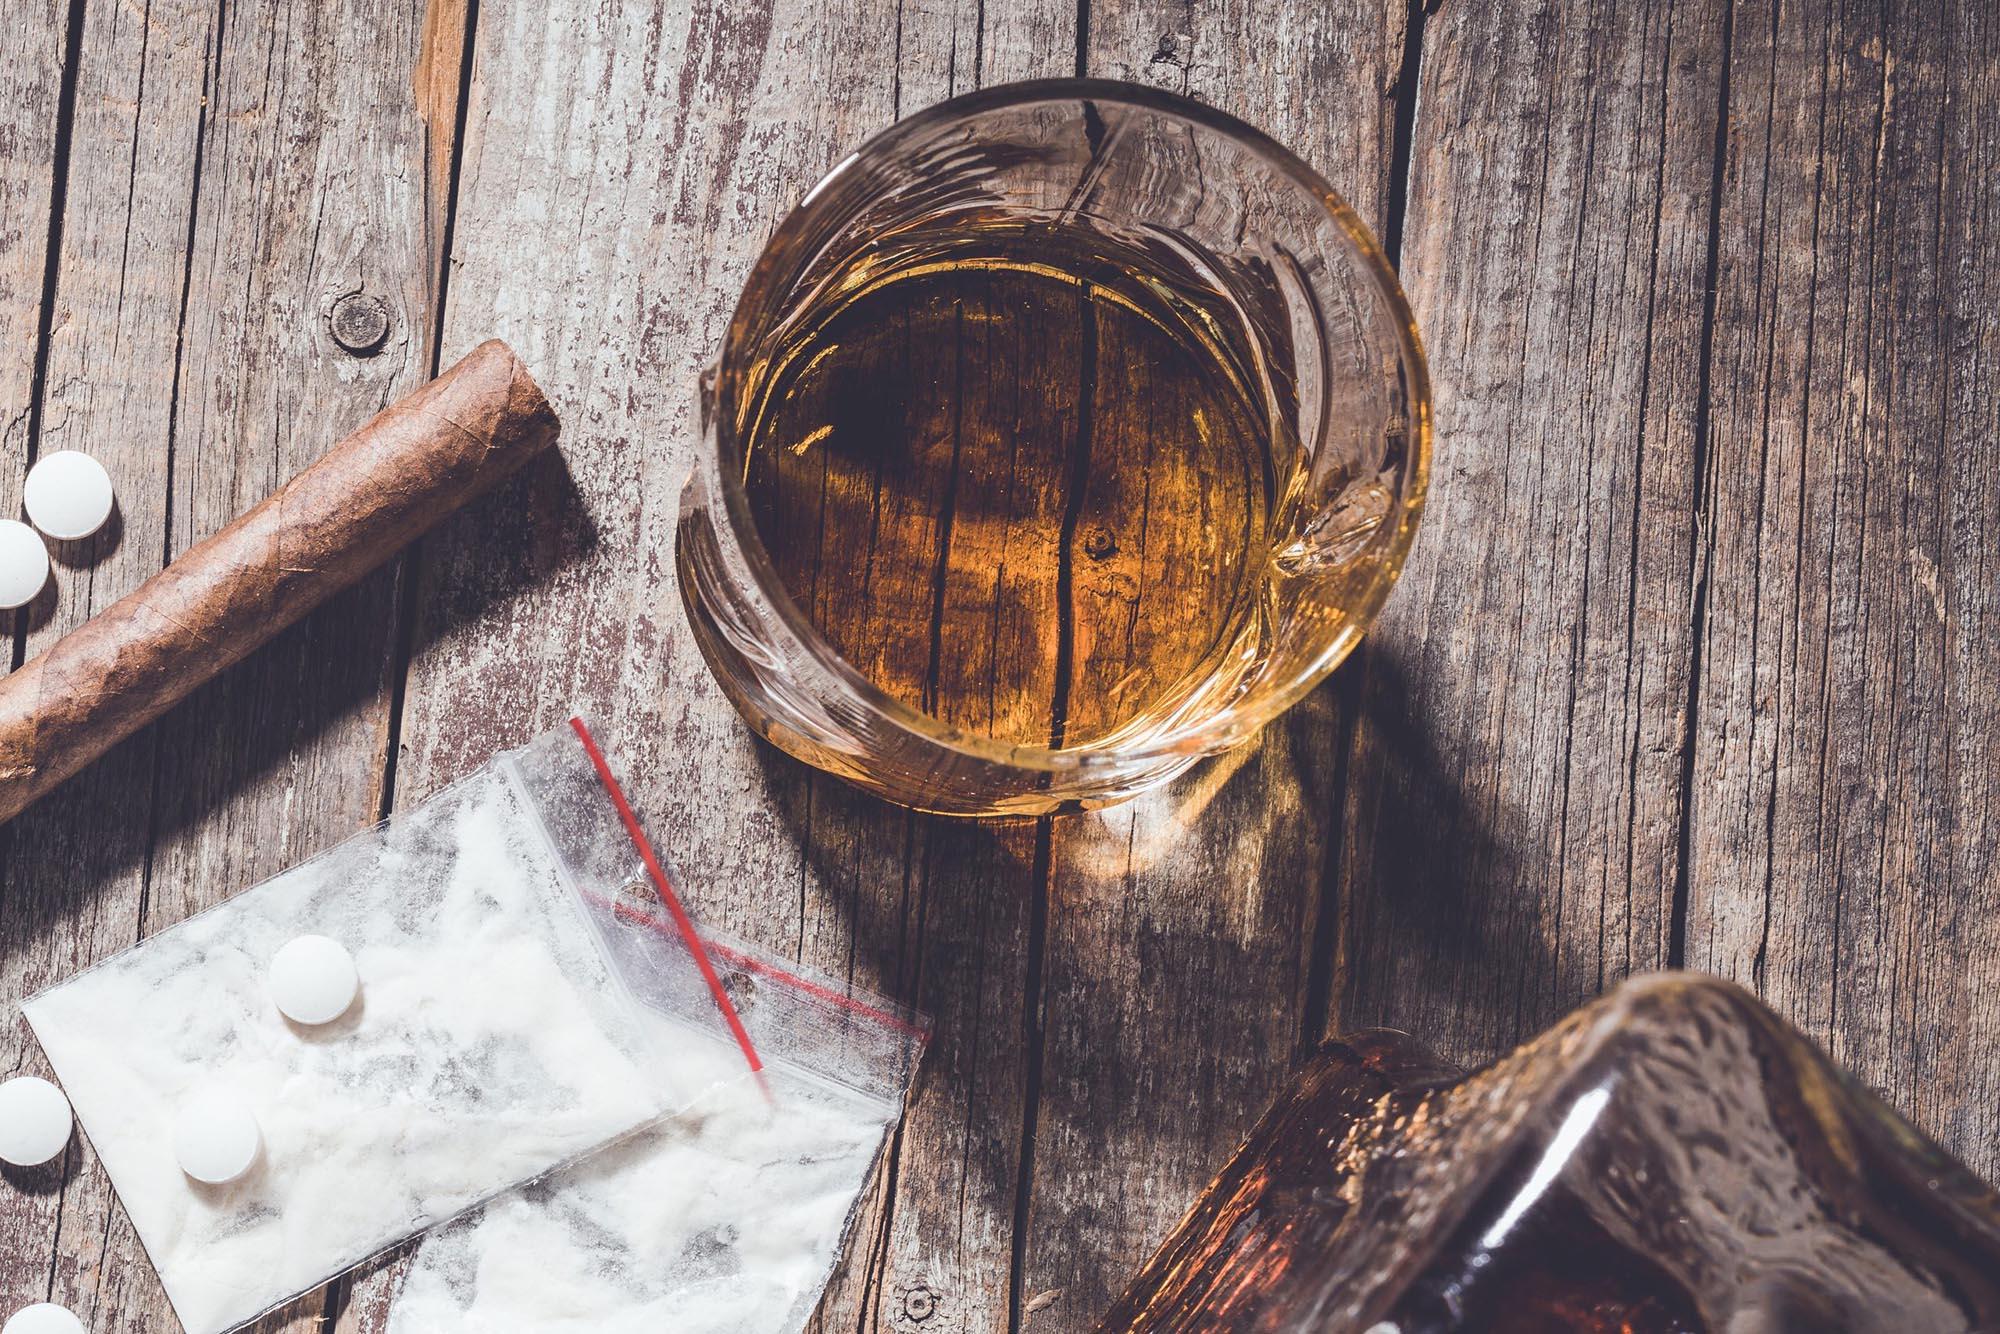 Dipendenza da Alcol Proleven